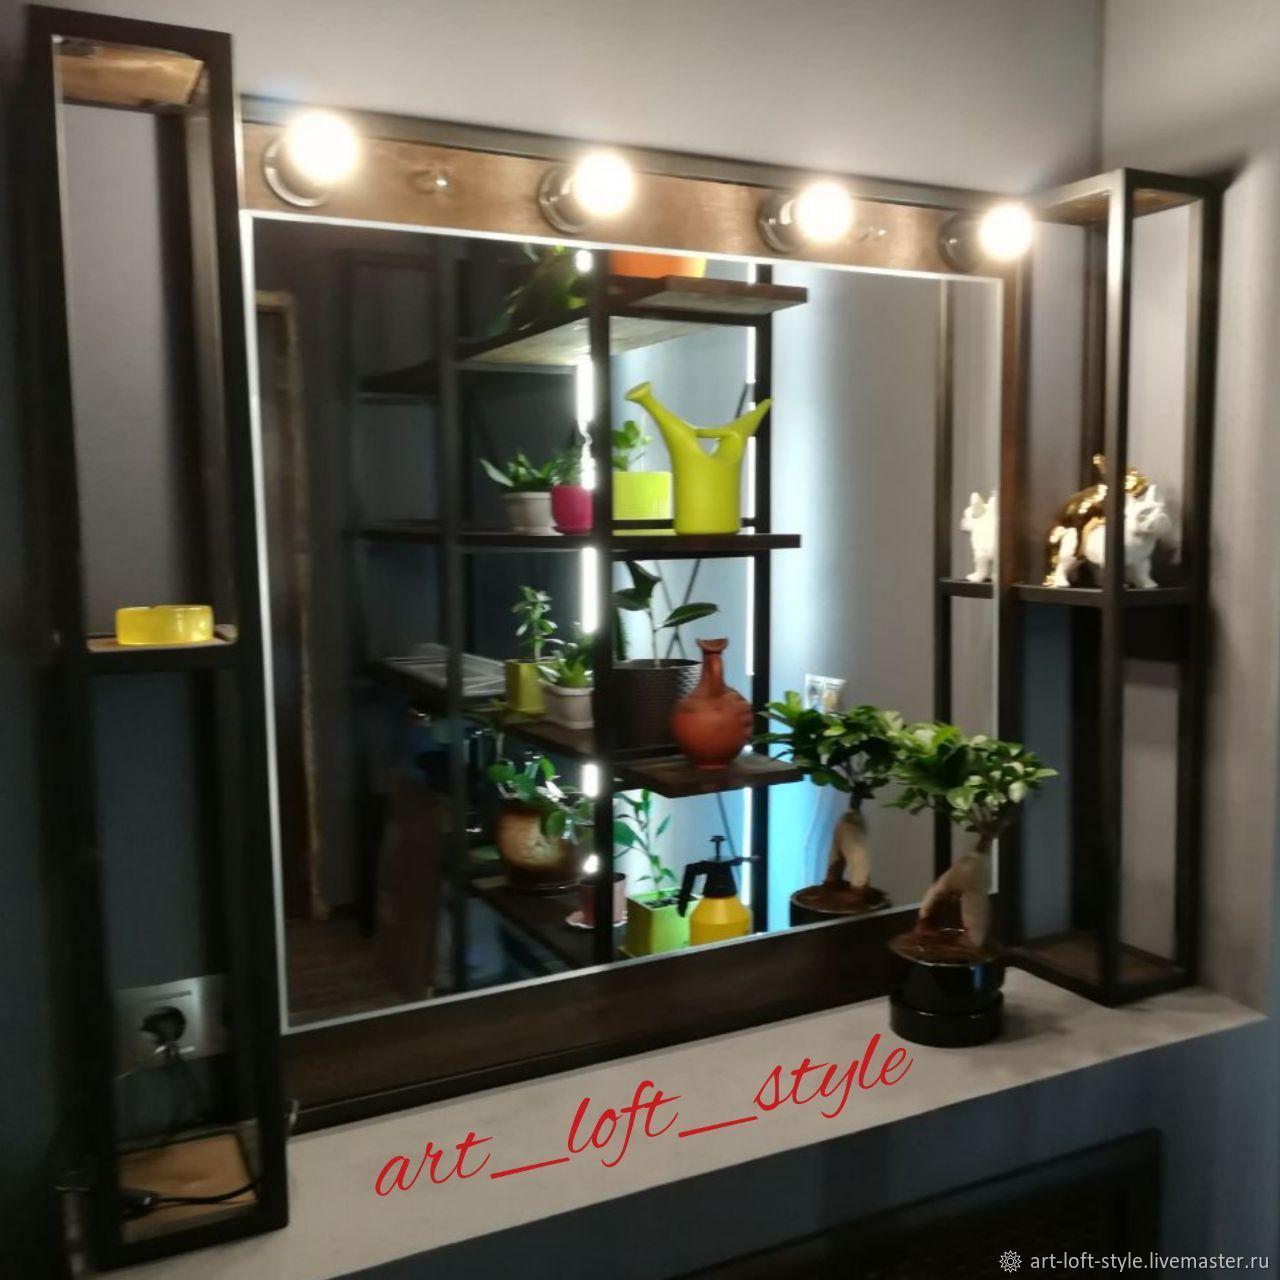 Оригинальное зеркало для стильного интерьера. Творческая мастерская ART_LOFT_STYLE создает мебель лофт, от проекта до установки.